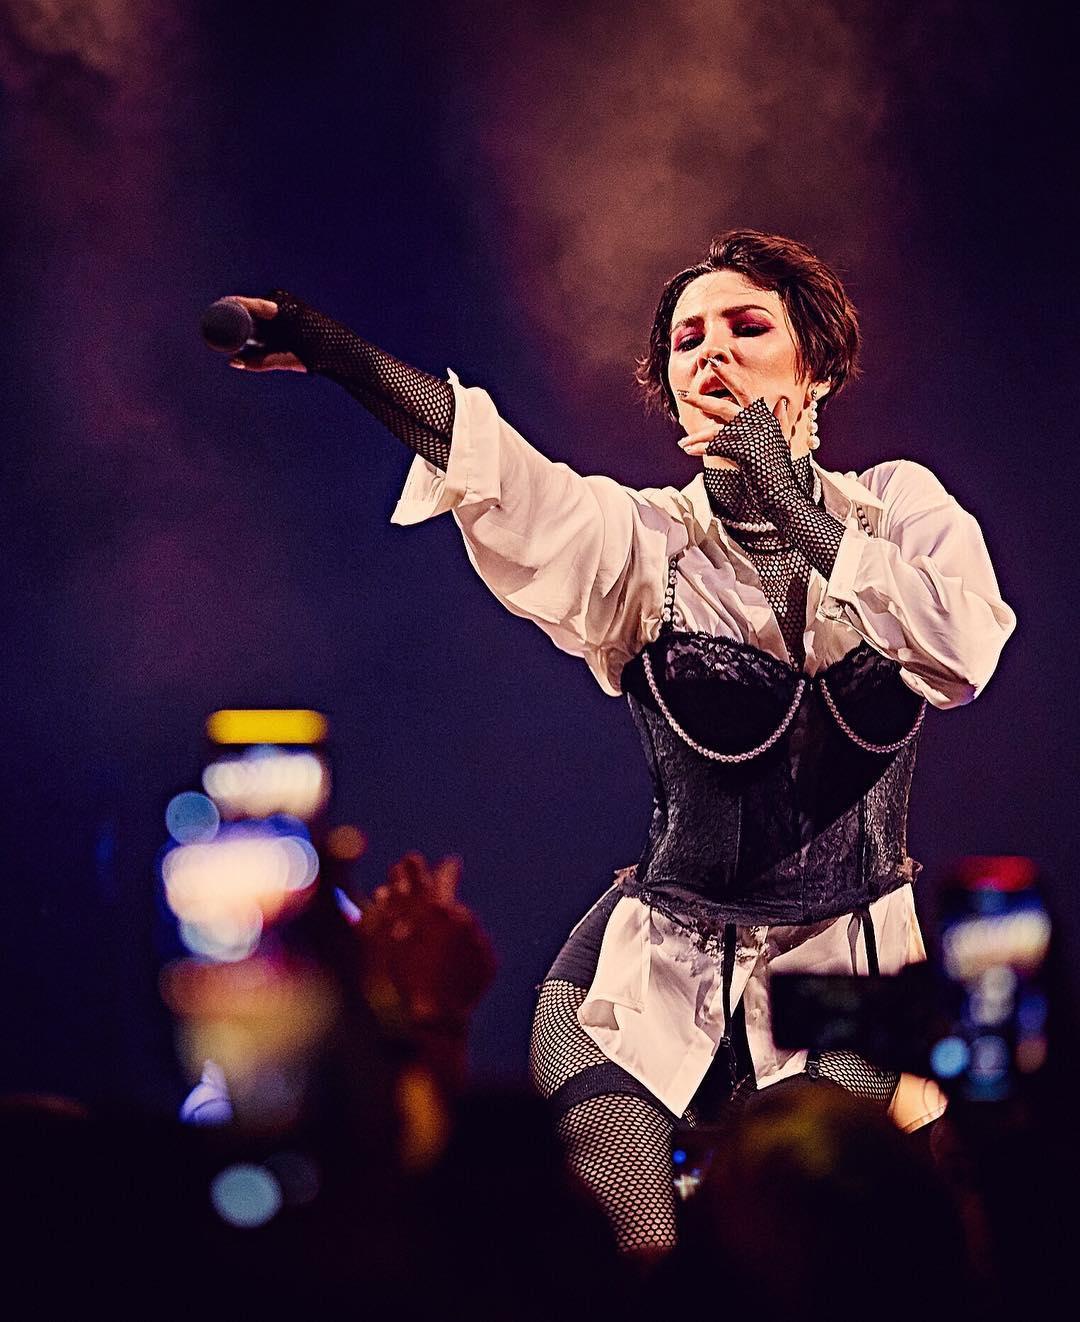 Закулисье Евровидения и голые пупки: MARUV записала откровенный влог